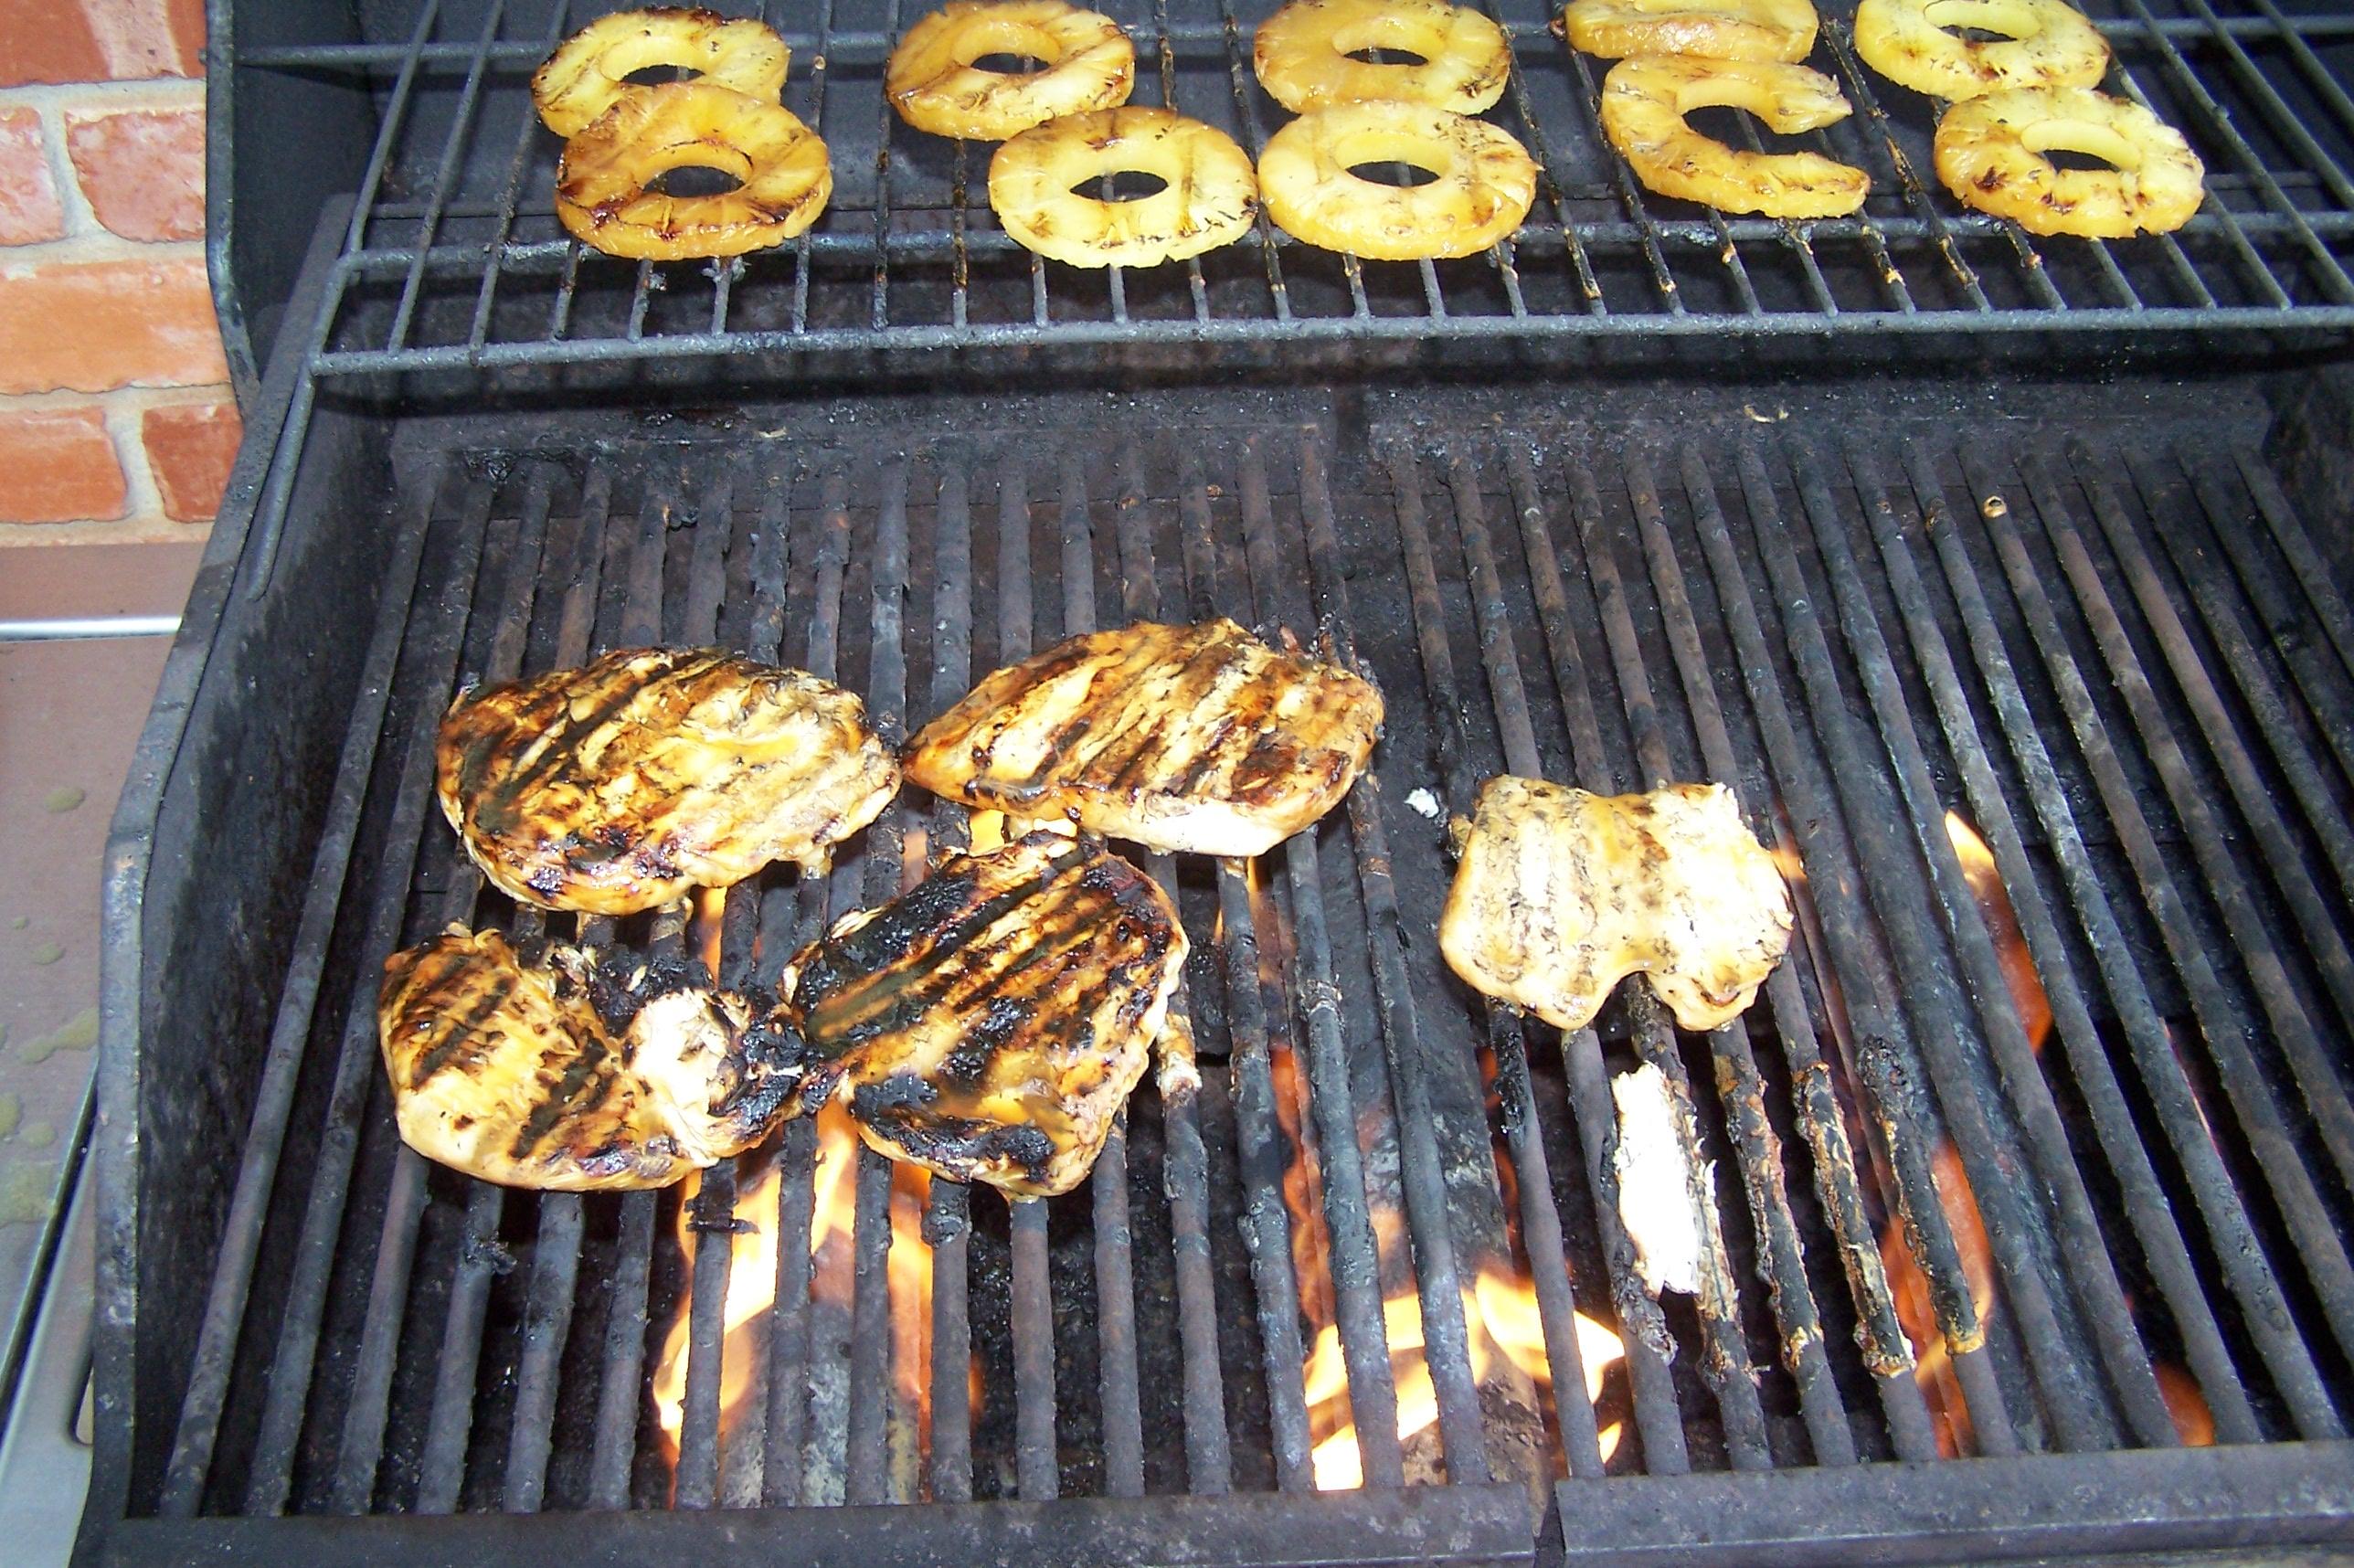 Teryaki chicken on grill photo